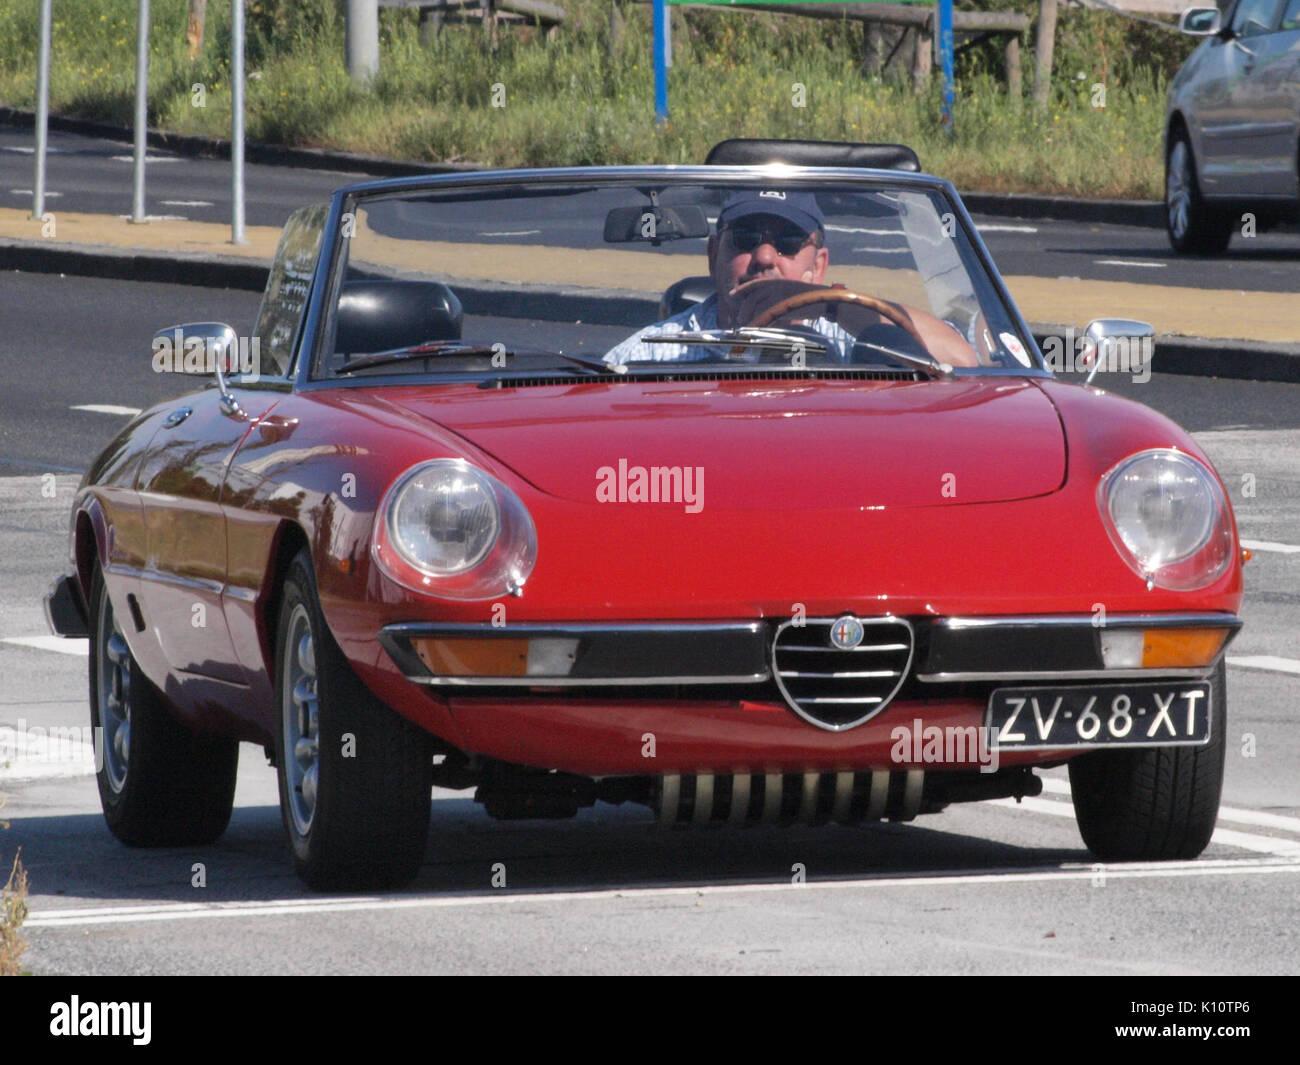 Alfa Romeo 2000 Spider Veloce Zv 68 Xt Pic1 Stock Photo 155527406